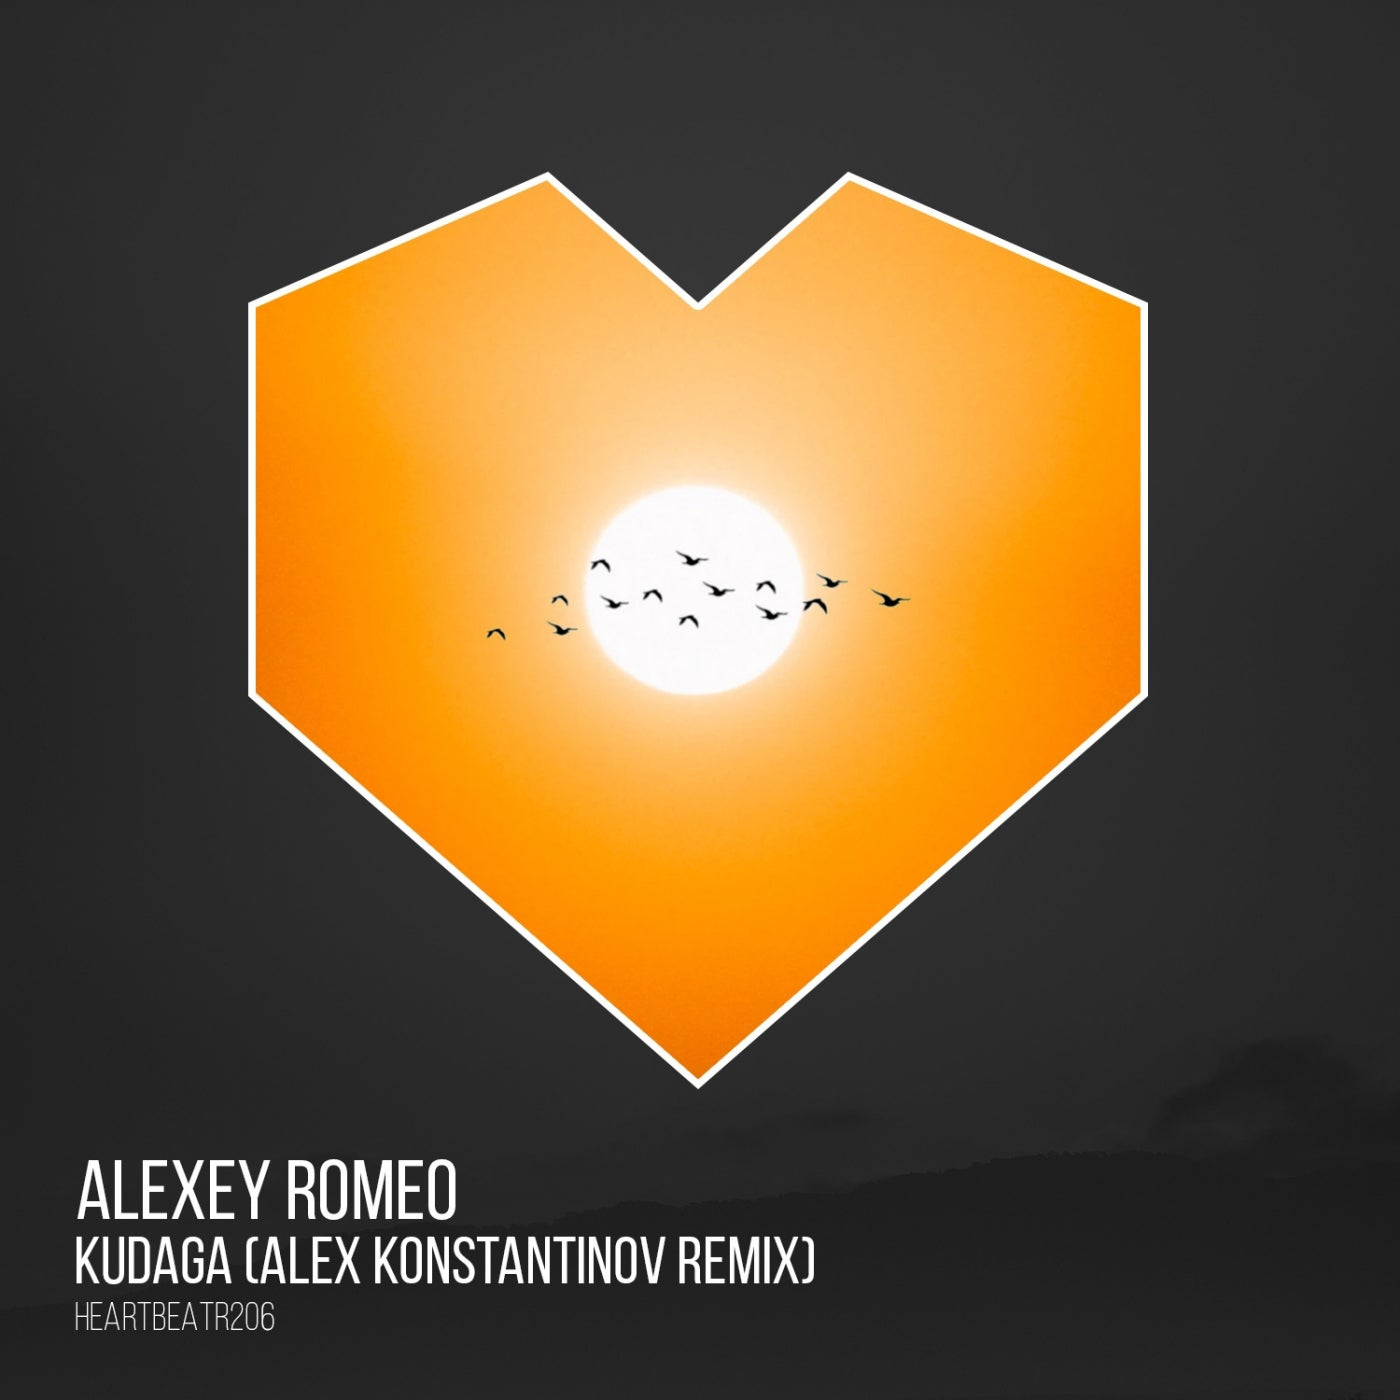 Kudaga (Alex Konstantinov Remix)